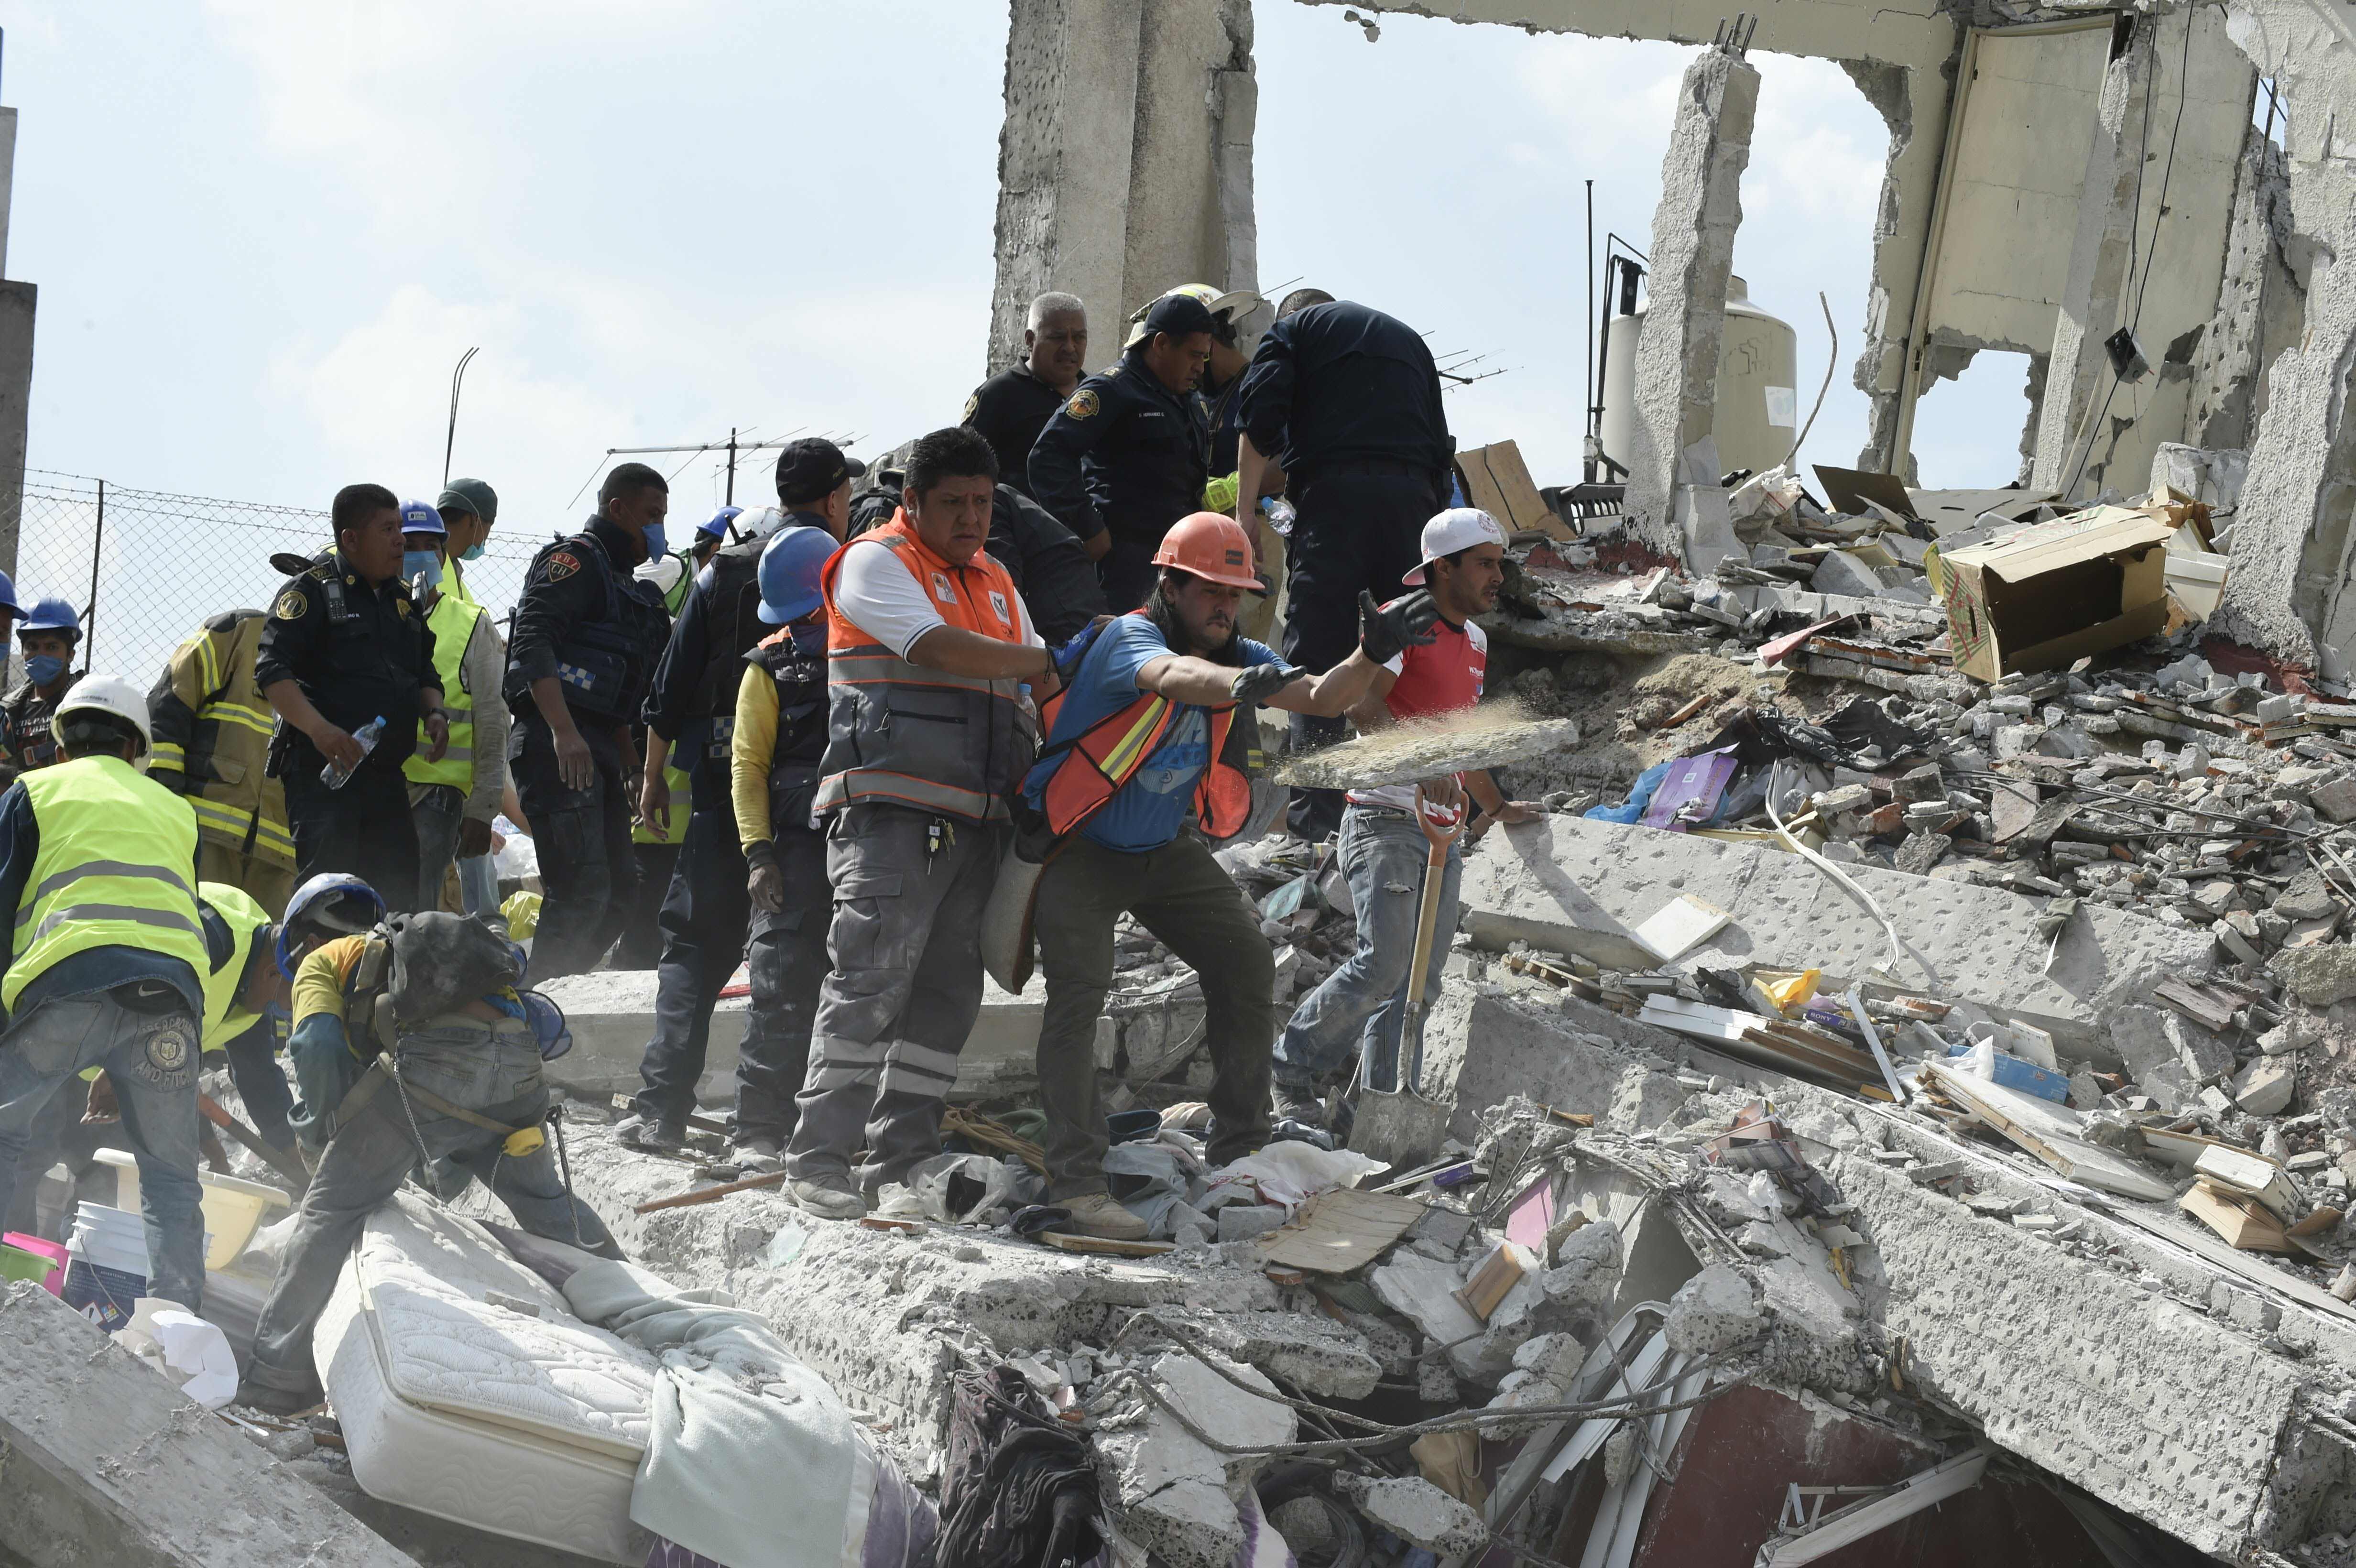 Vea en fotos el terremoto en México que ha dejado al menos 217 muertos